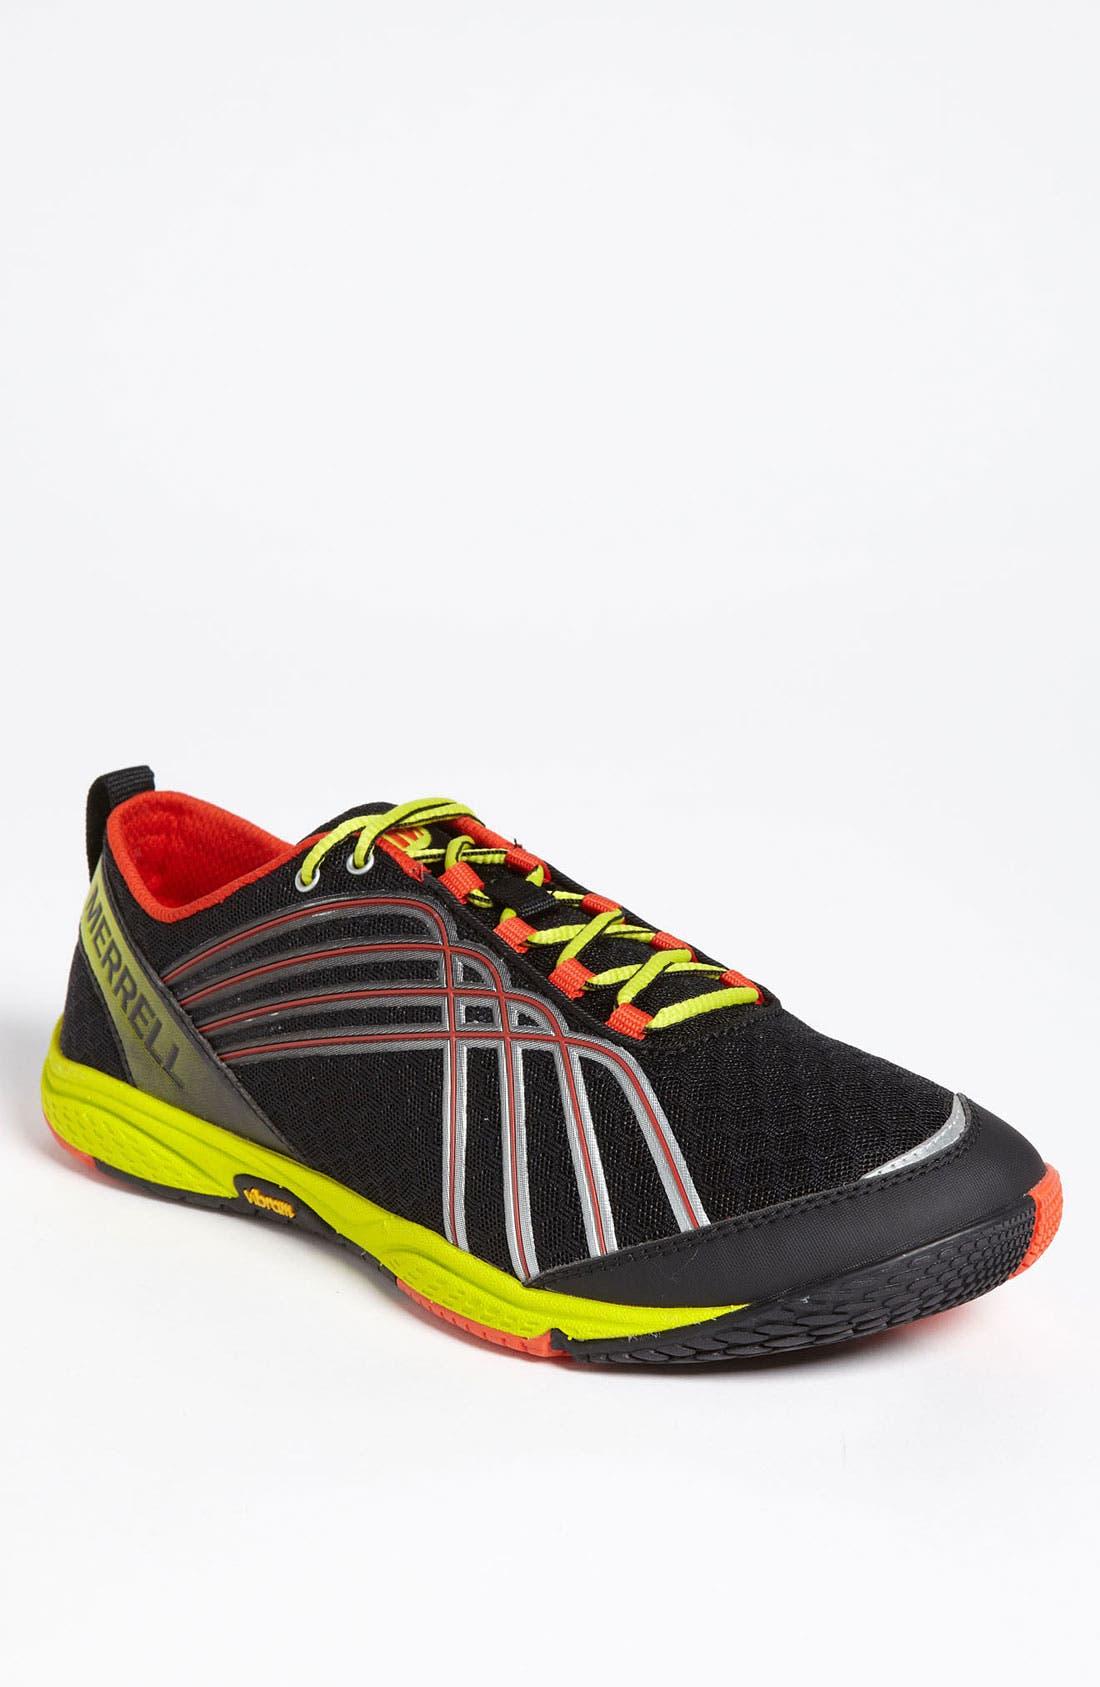 Alternate Image 1 Selected - Merrell 'Road Glove 2' Running Shoe (Men)